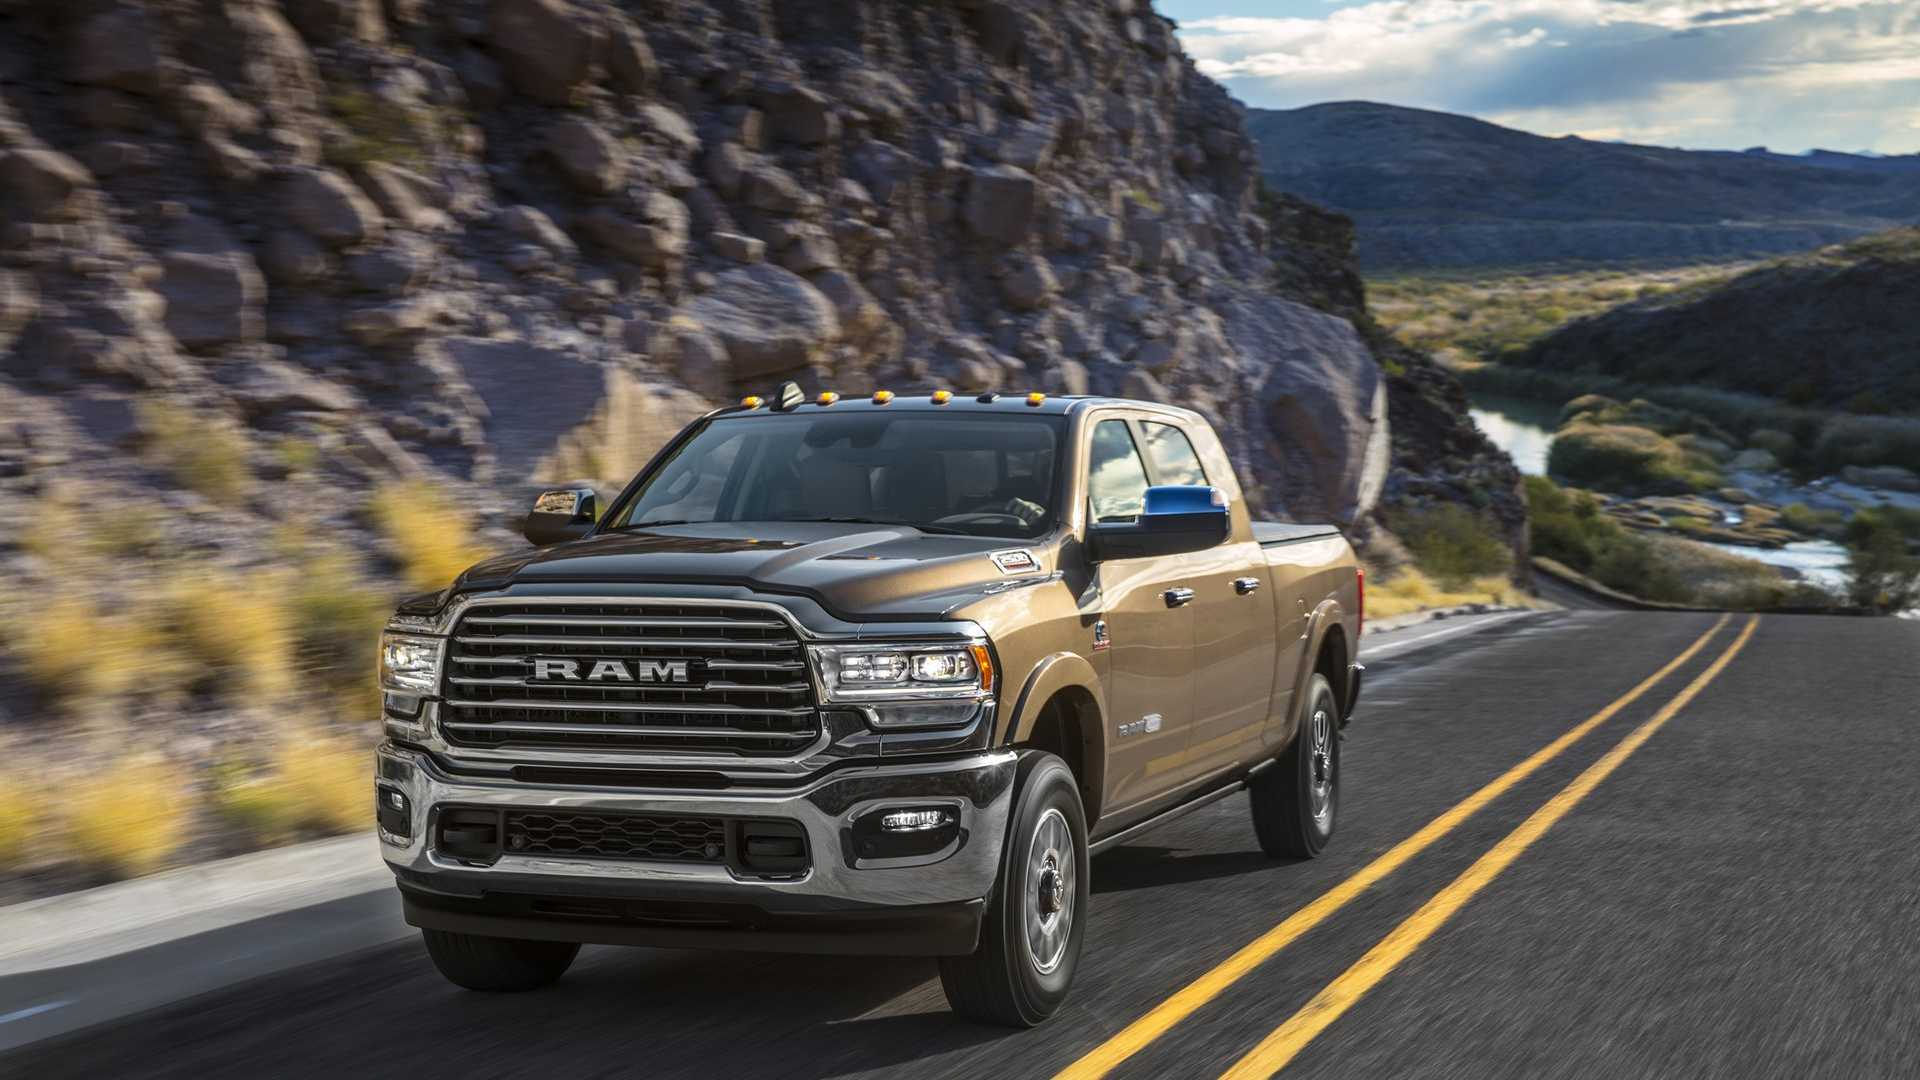 2019-ram-heavy-duty-exterior (51)